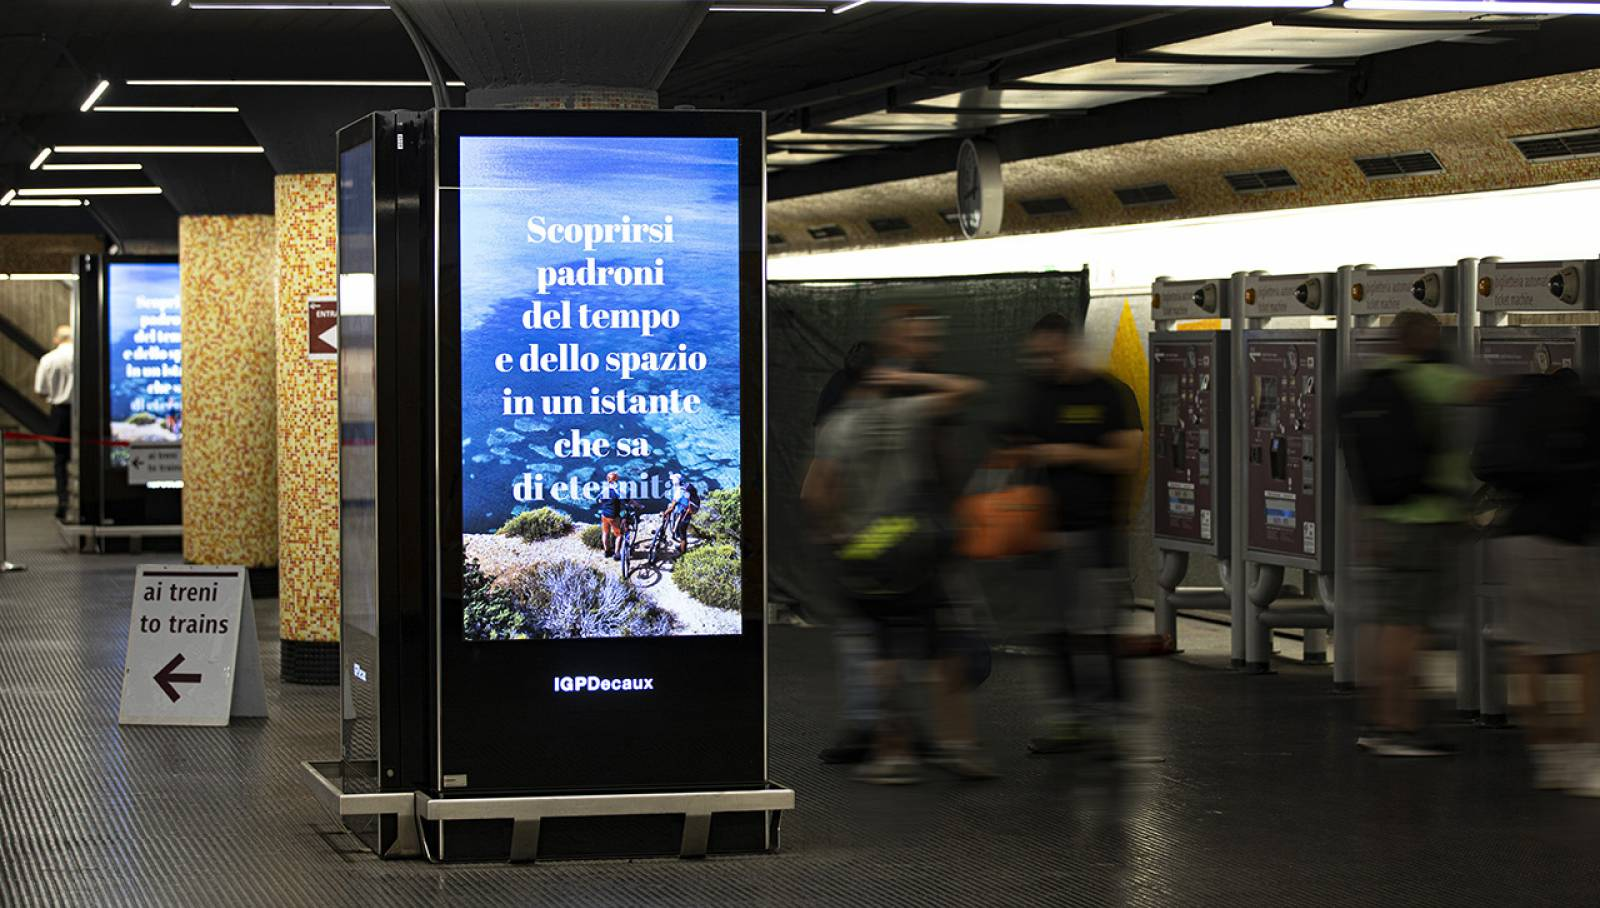 Pubblicità in metropolitana IGPDecaux Roma Network Vision per Toscana Promozione Turistica